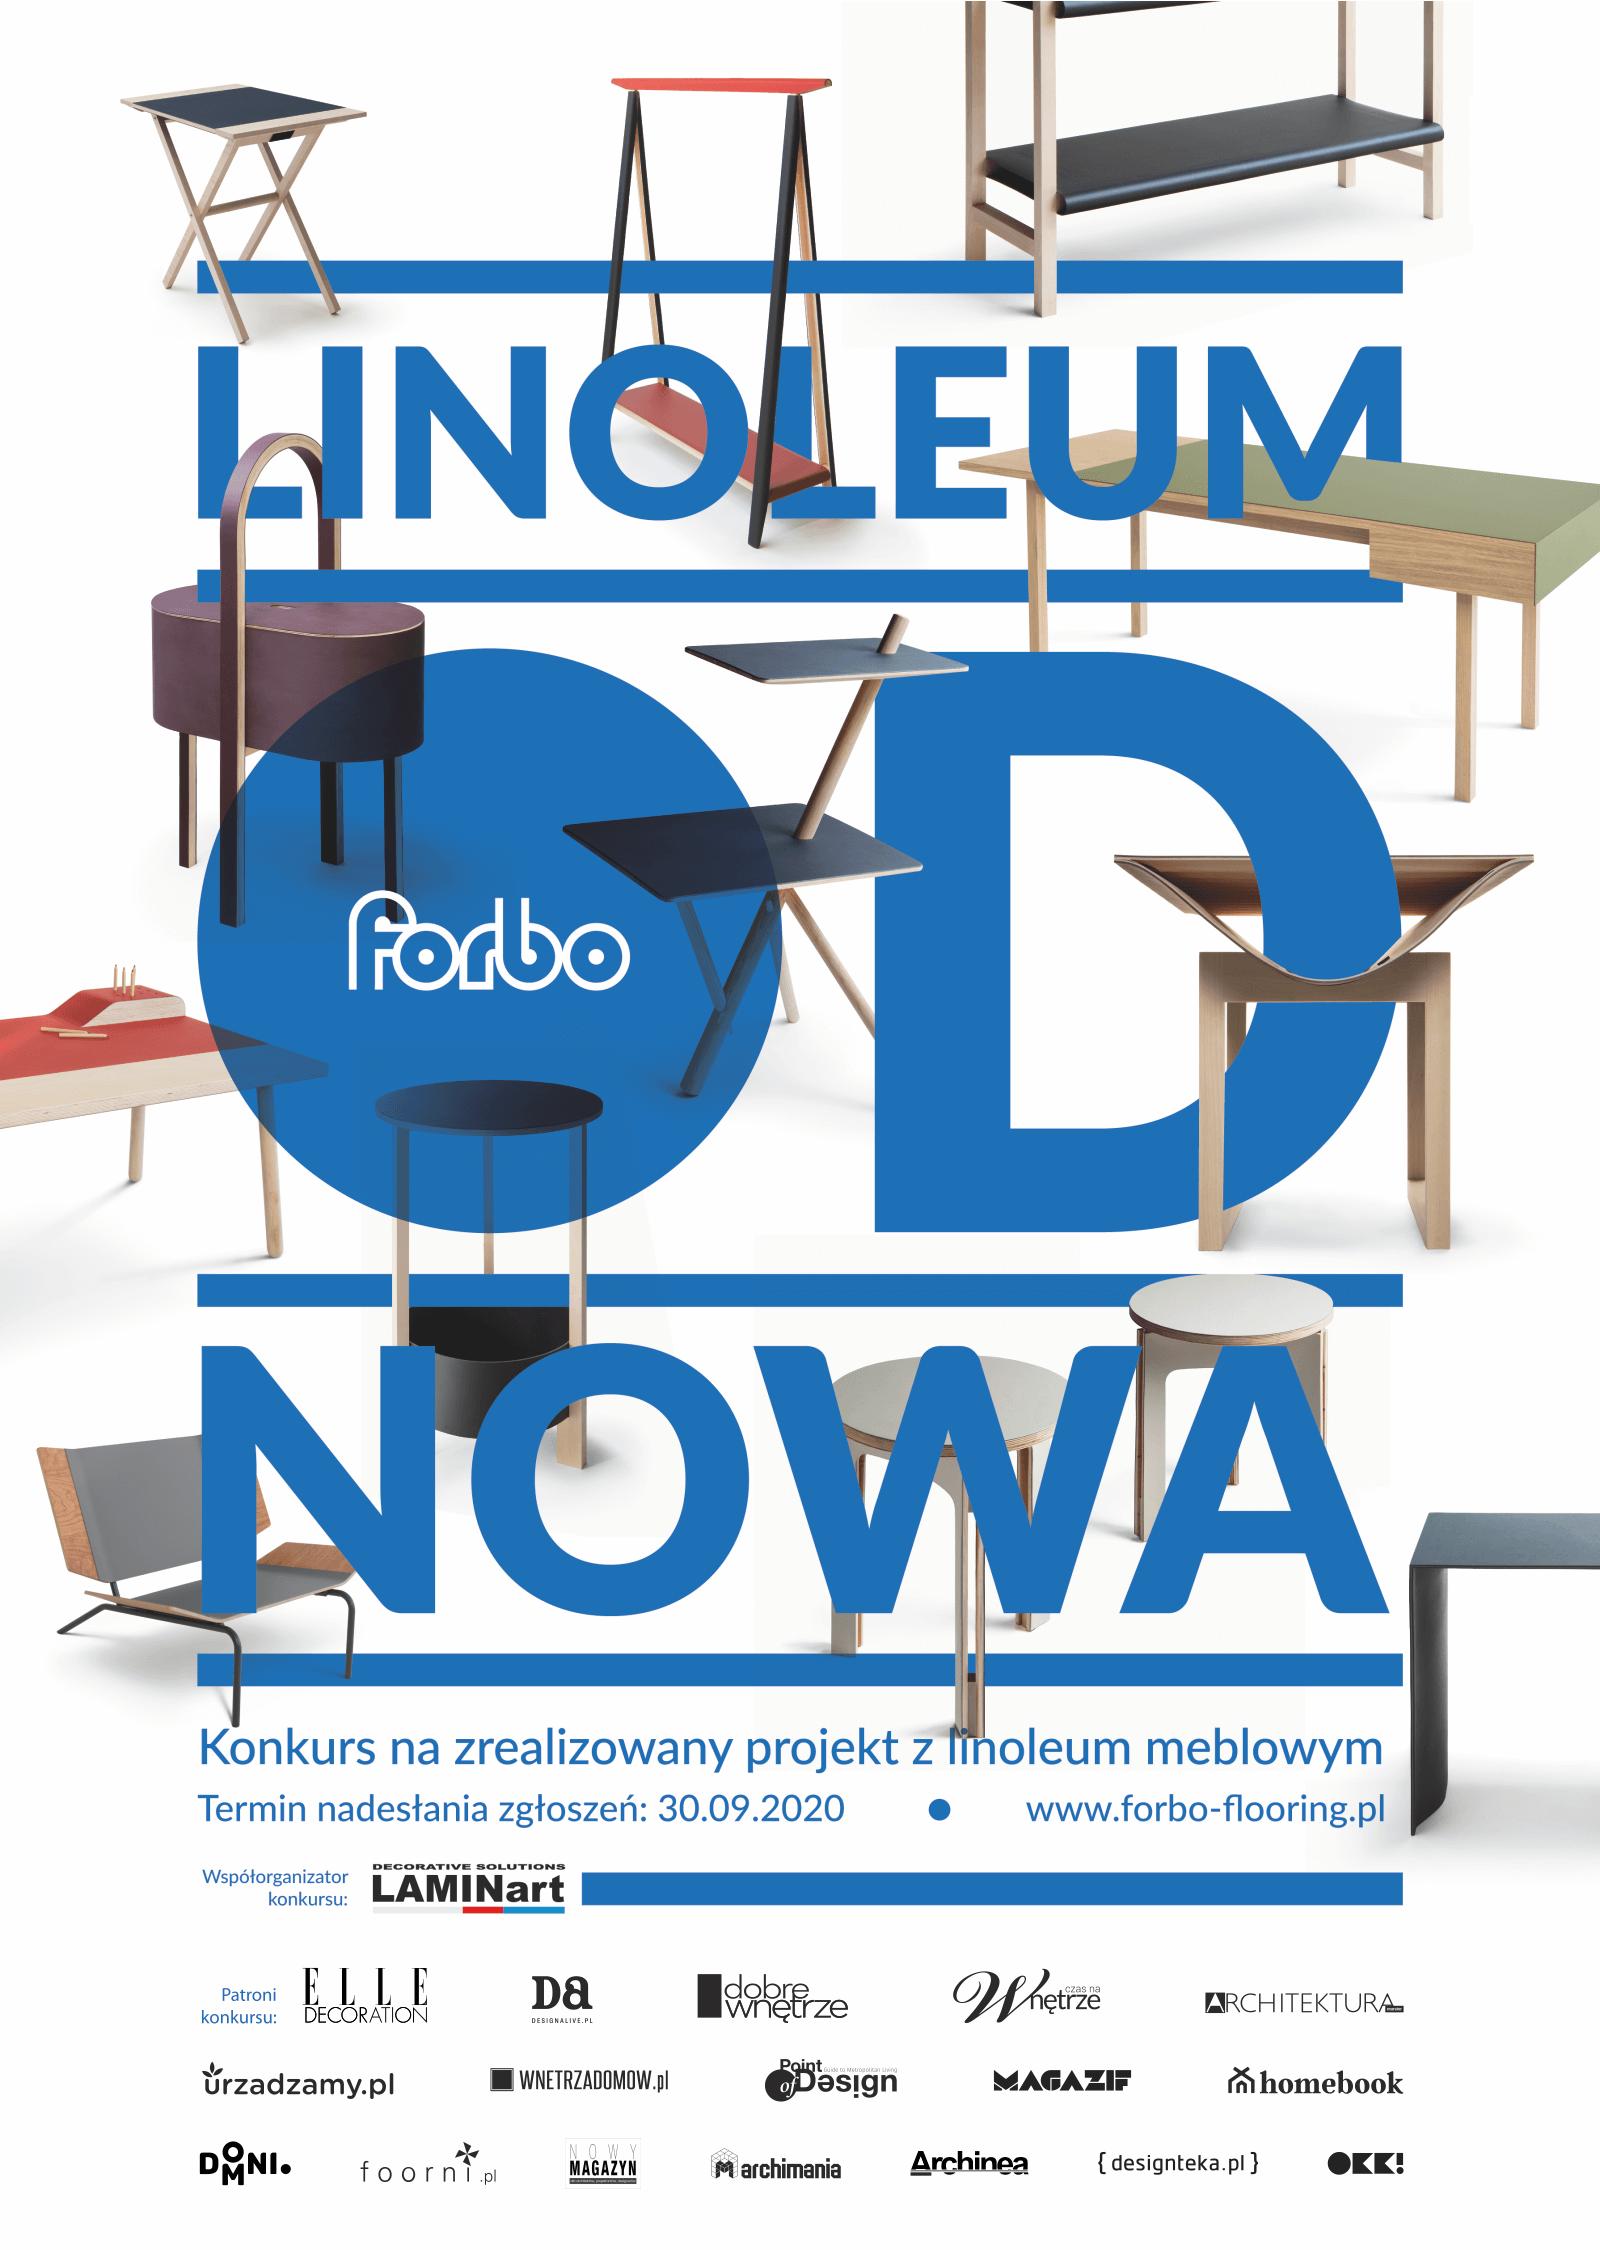 Linoleum odnowa – konkurs dla architektów iwykonawców mebli